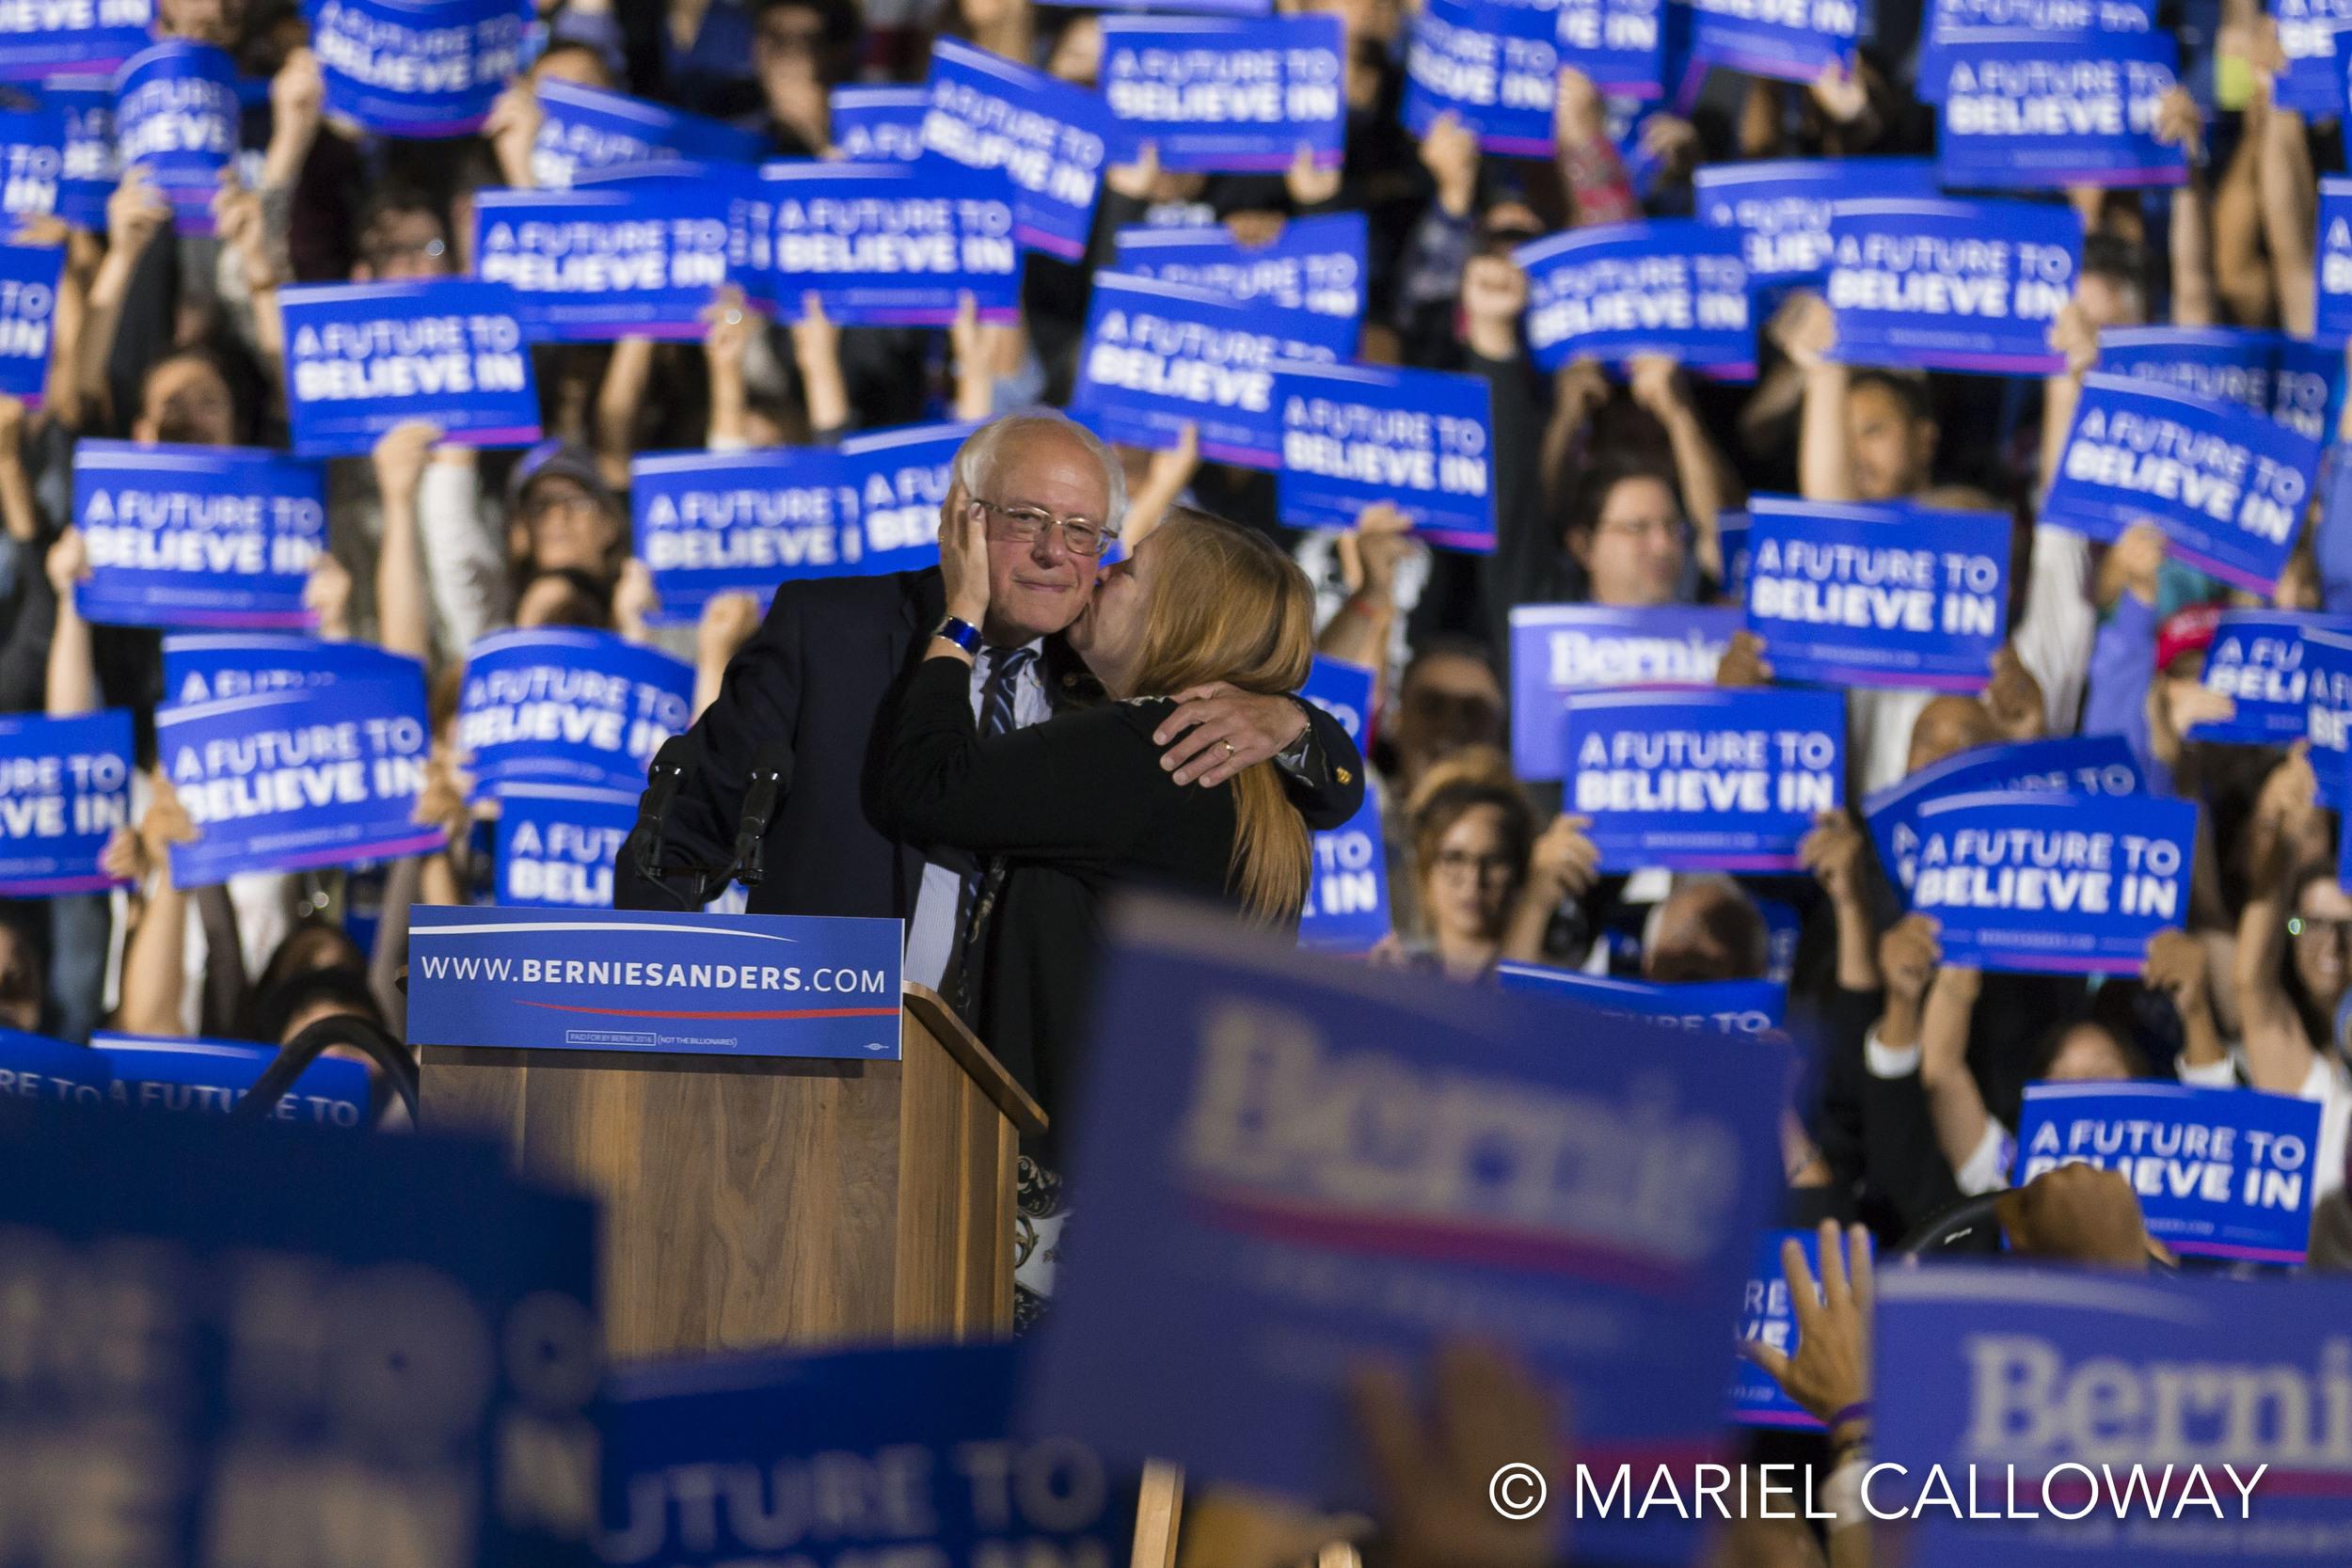 Bernie-Sanders-Jane-Mariel-Calloway-1.jpg